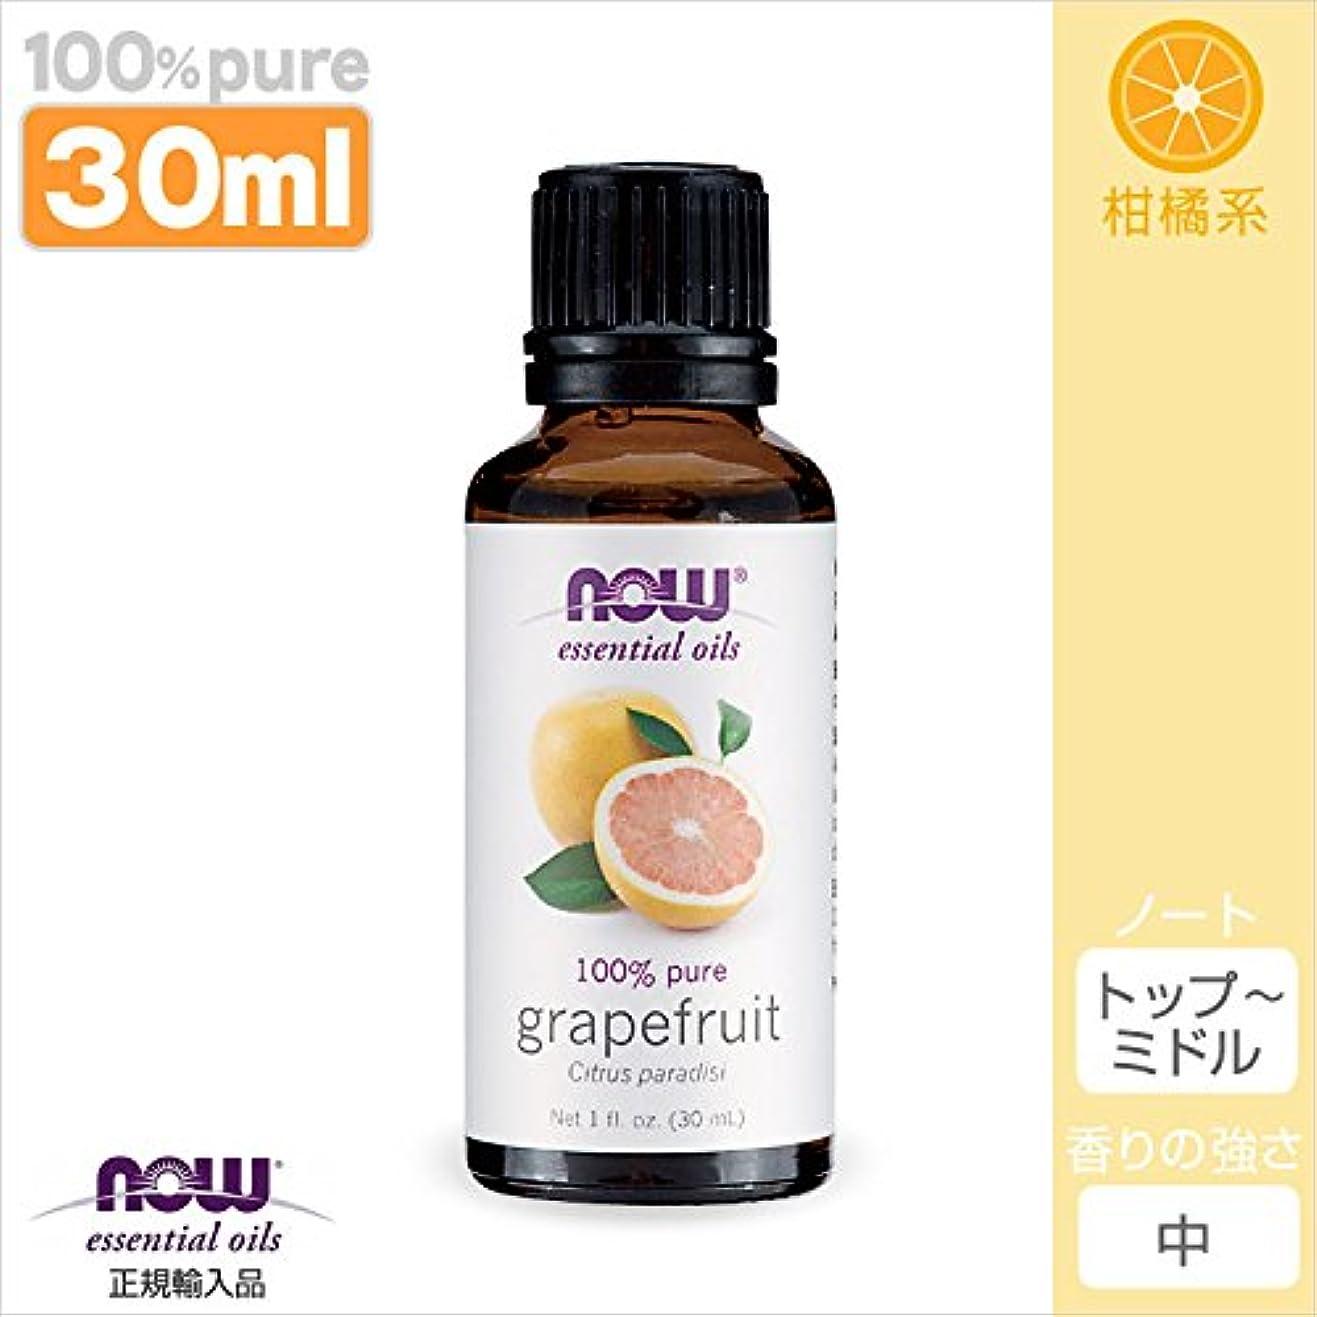 既婚も限定グレープフルーツ精油[30ml] 【正規輸入品】 NOWエッセンシャルオイル(アロマオイル)